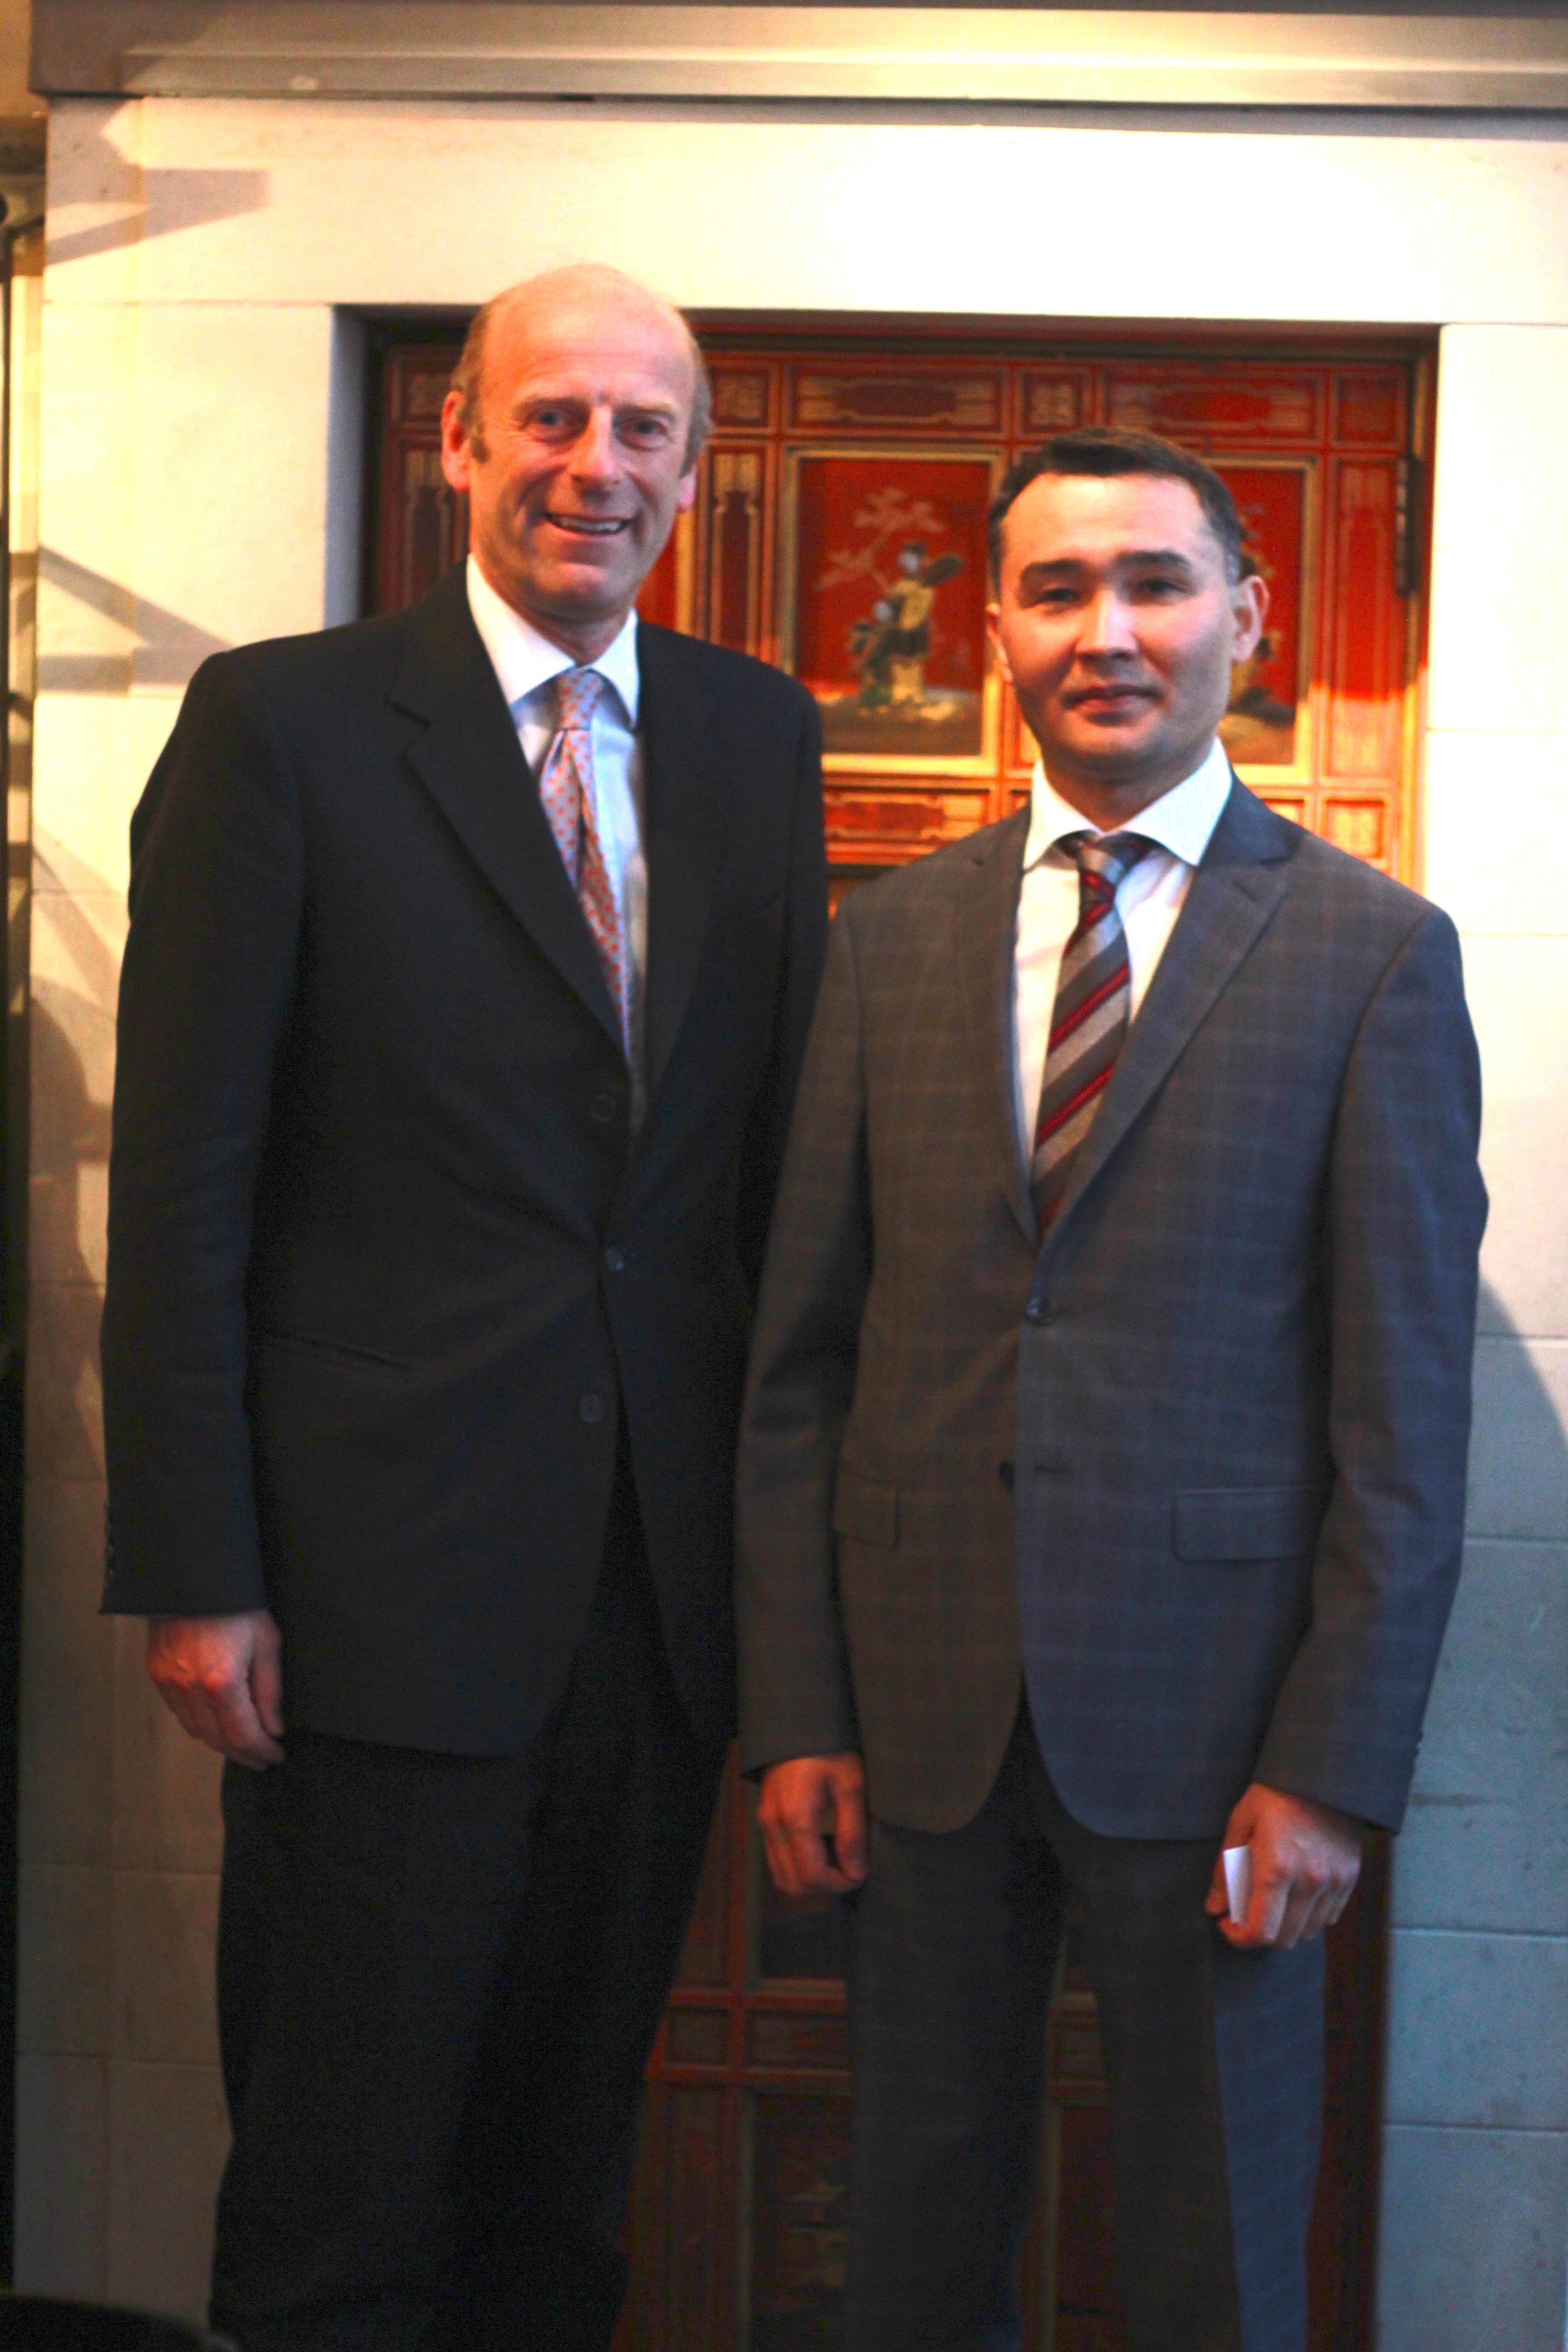 Rupert Goodman and Saparbek Tuyakbay